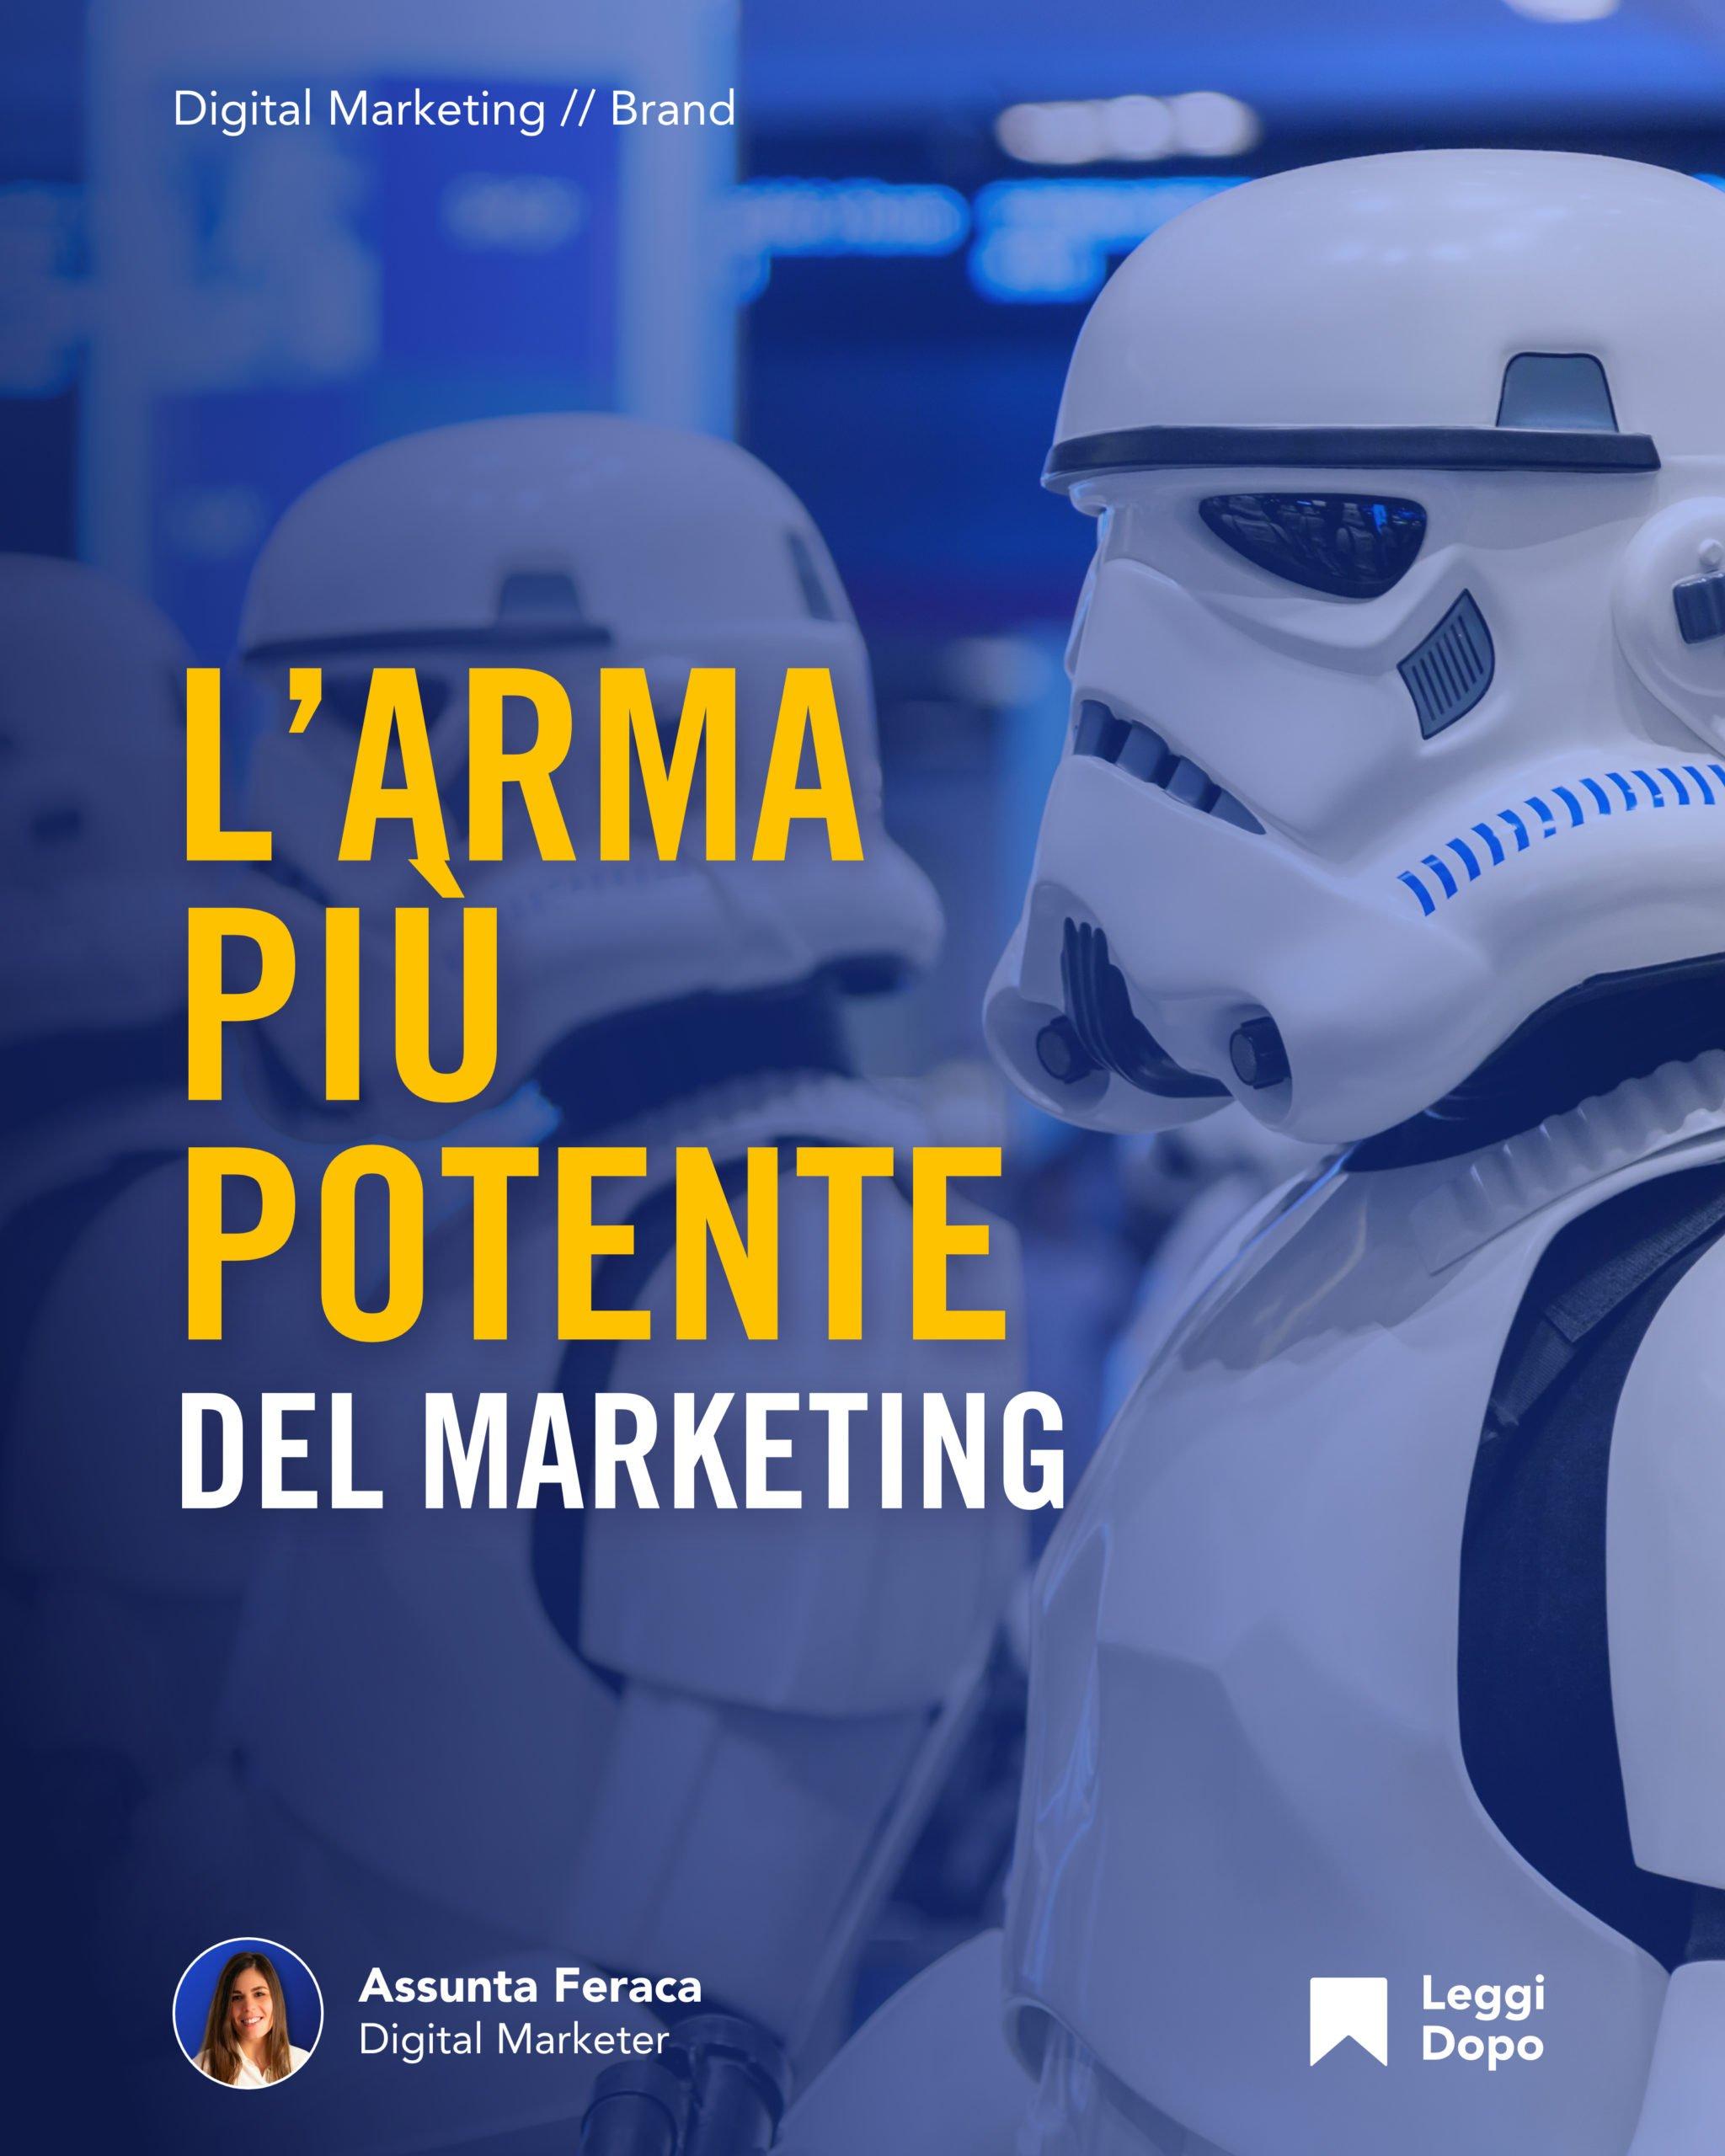 arma potente del marketing-01